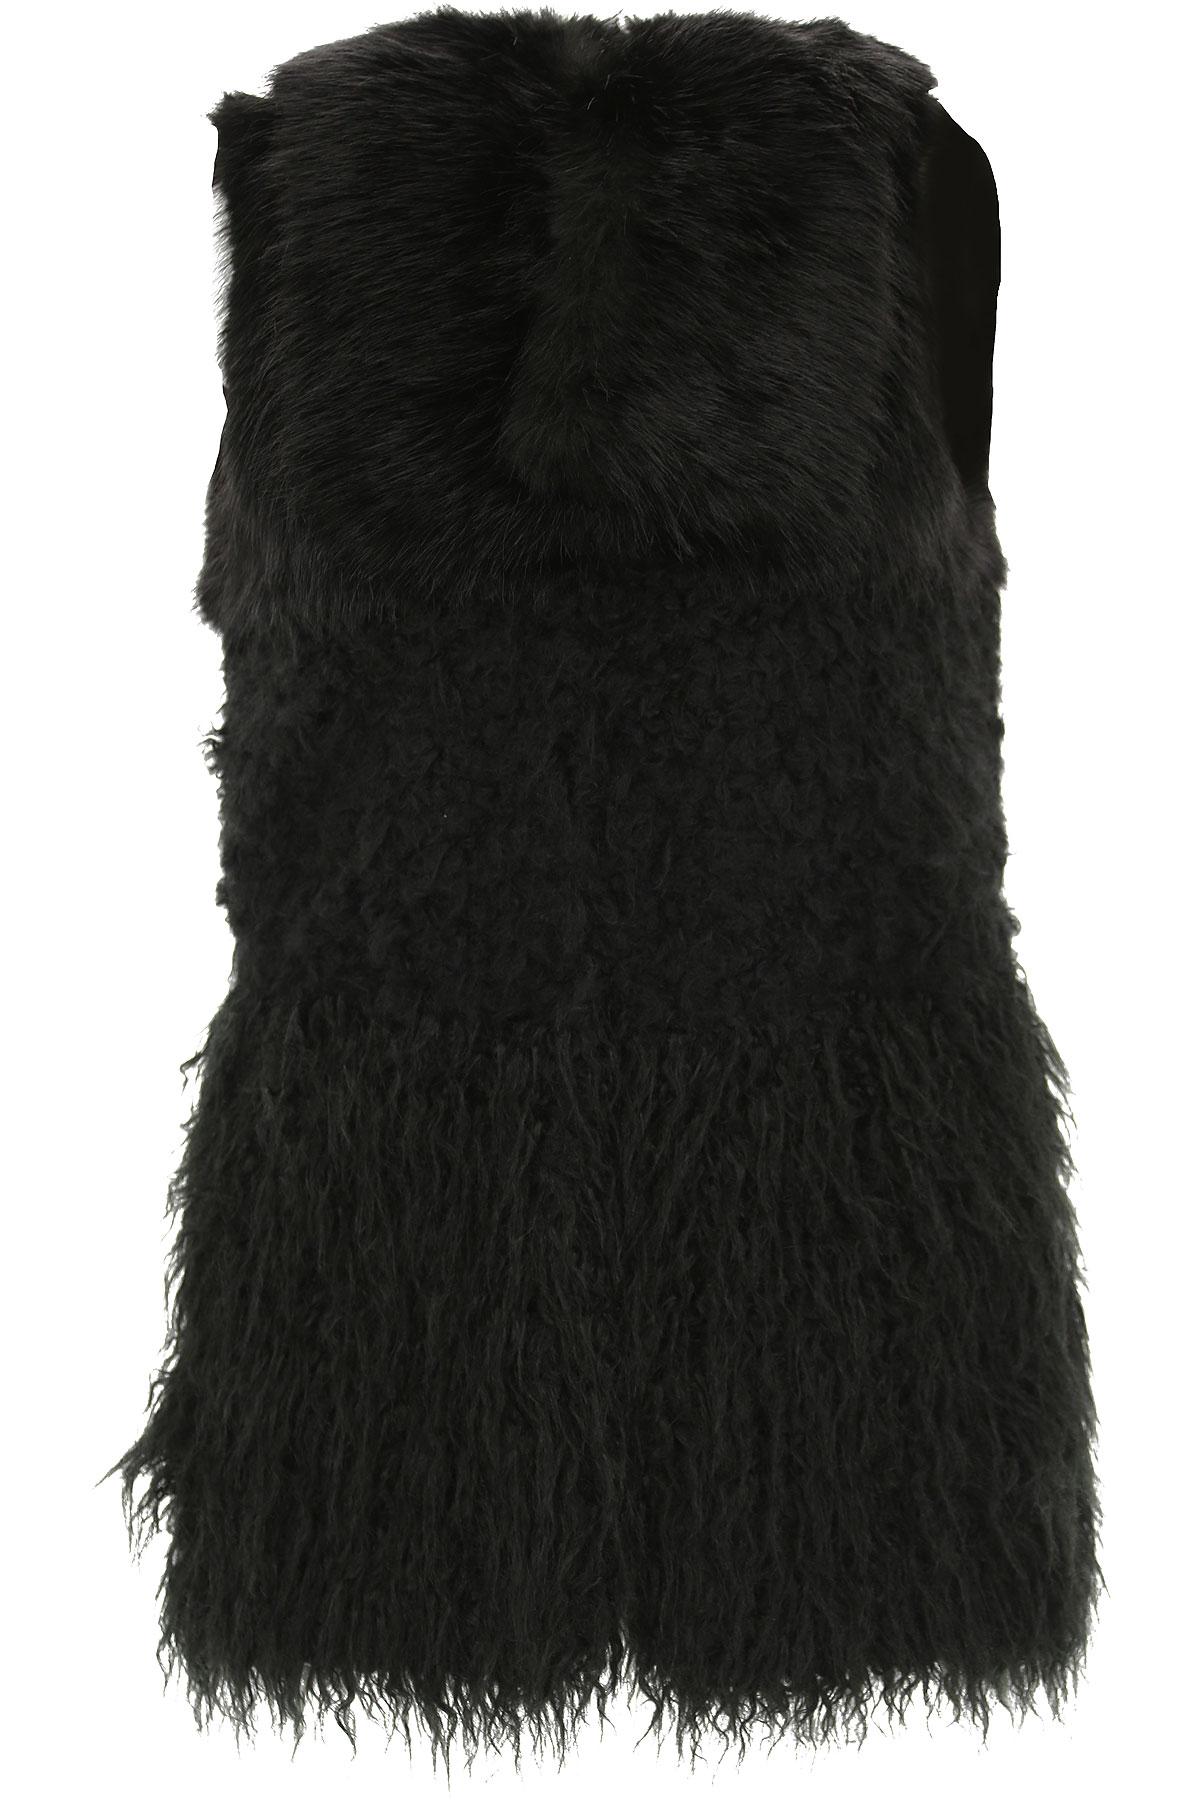 Image of Trussardi Jacket for Women, Black, Acrylic, 2017, 2 4 6 8